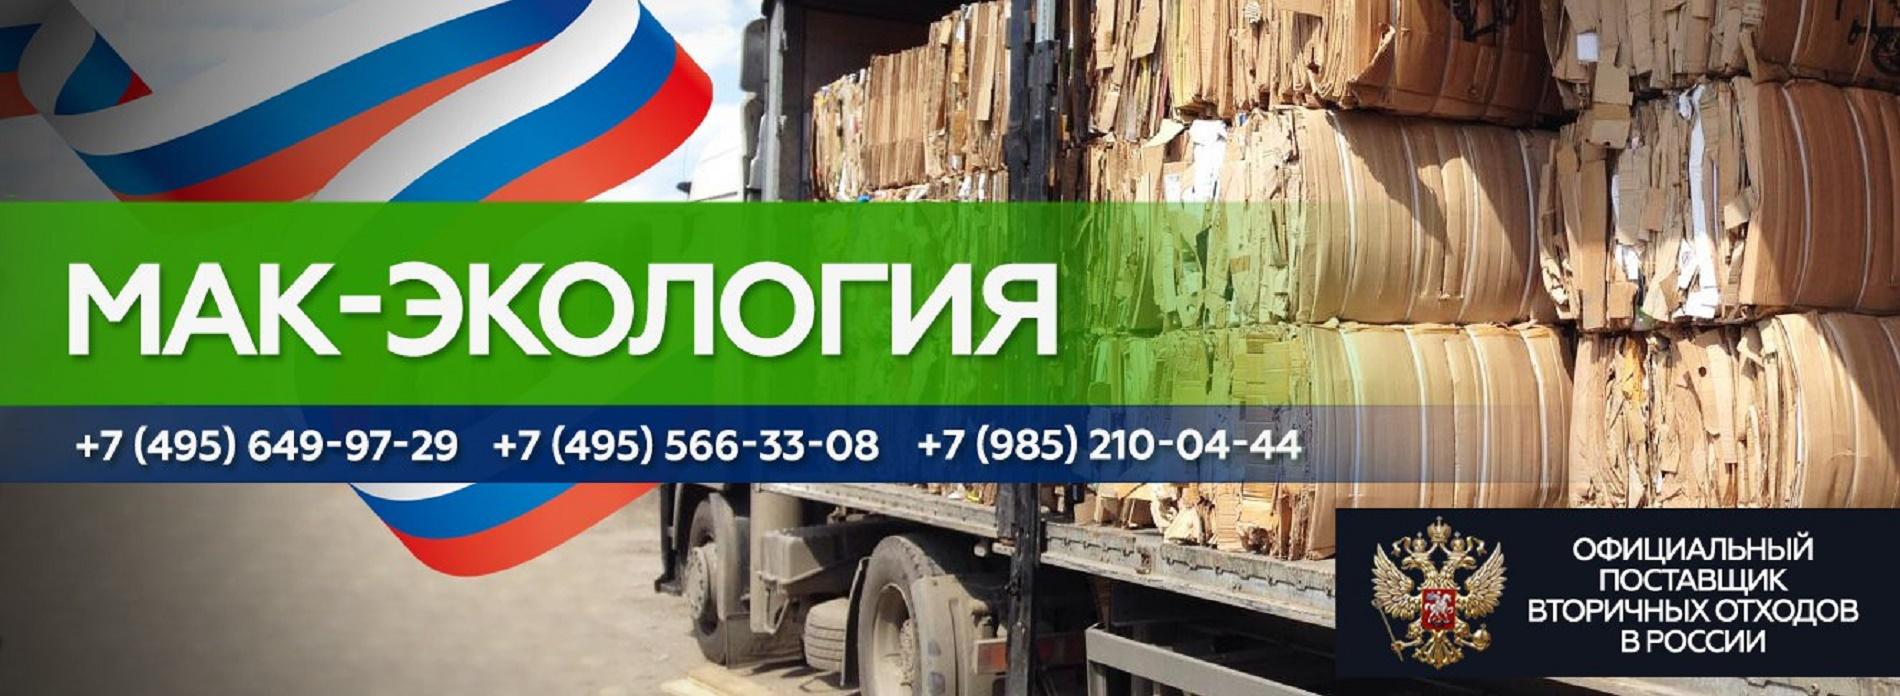 Макулатура цена за кг в митино мини производство туалетной бумаги макулатура